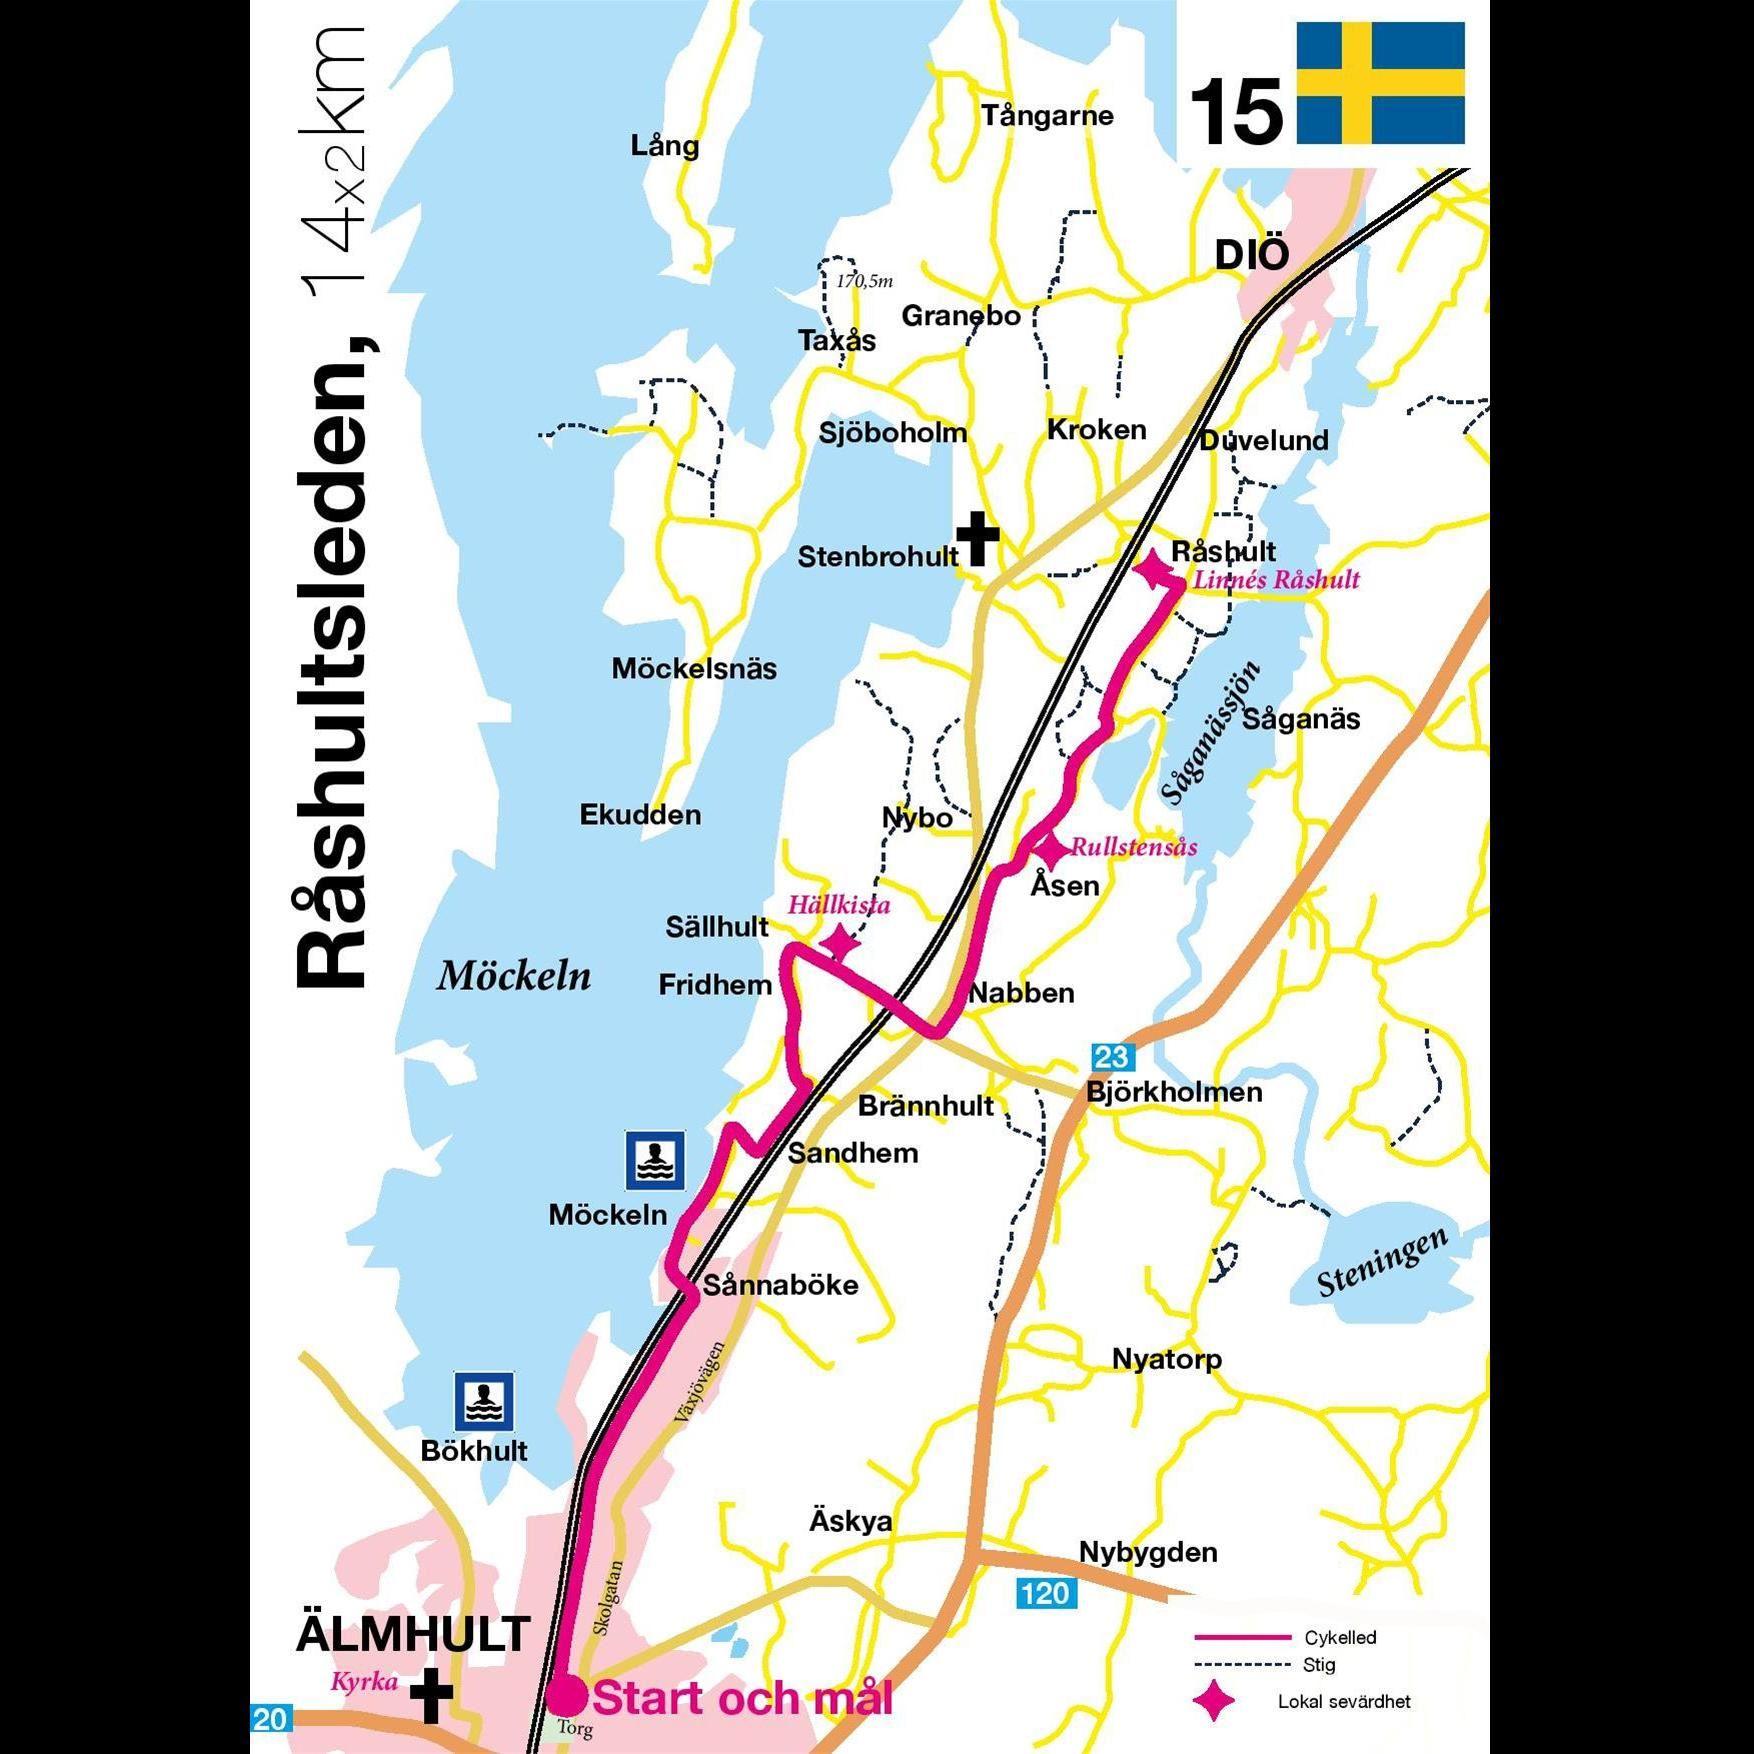 Cykeltur - Råshultsleden - 14x2 km